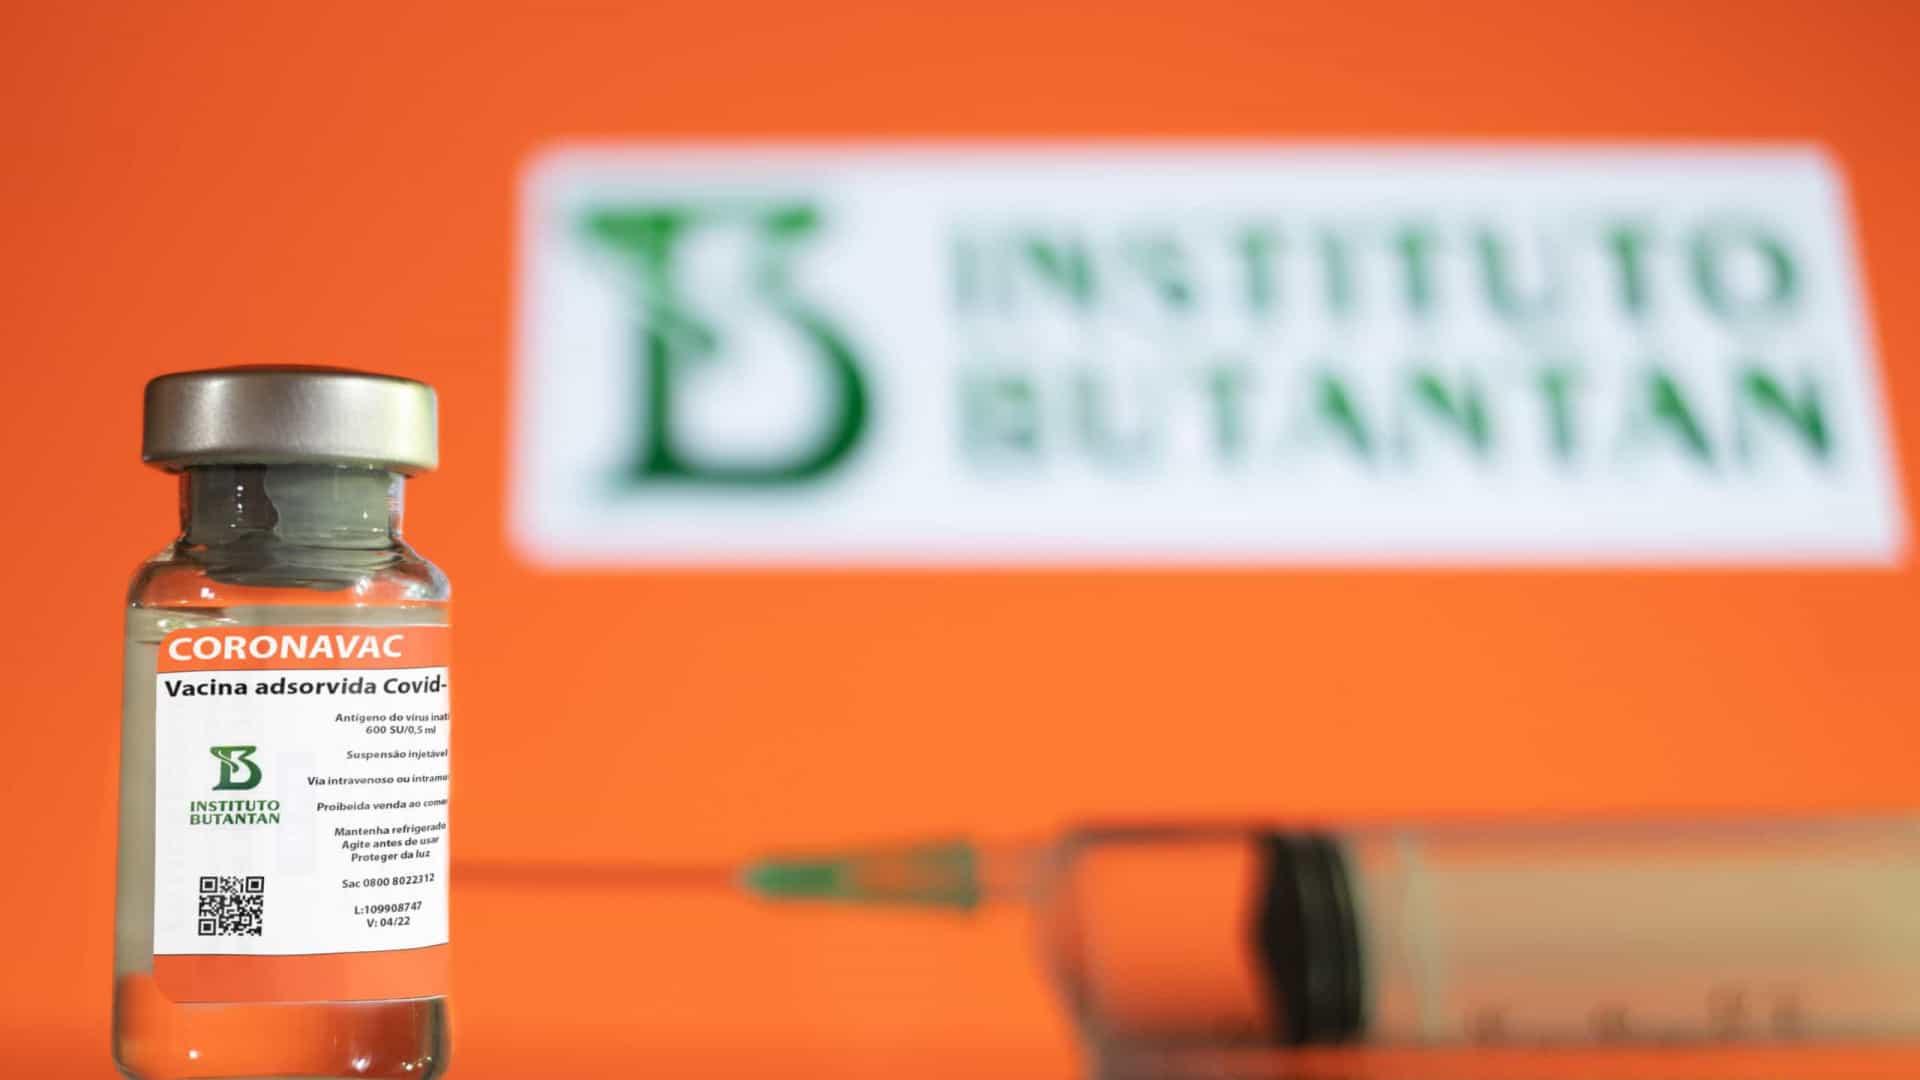 naom 5ffd5b6a32d81 - Europa começa a avaliar aprovação à Coronavac